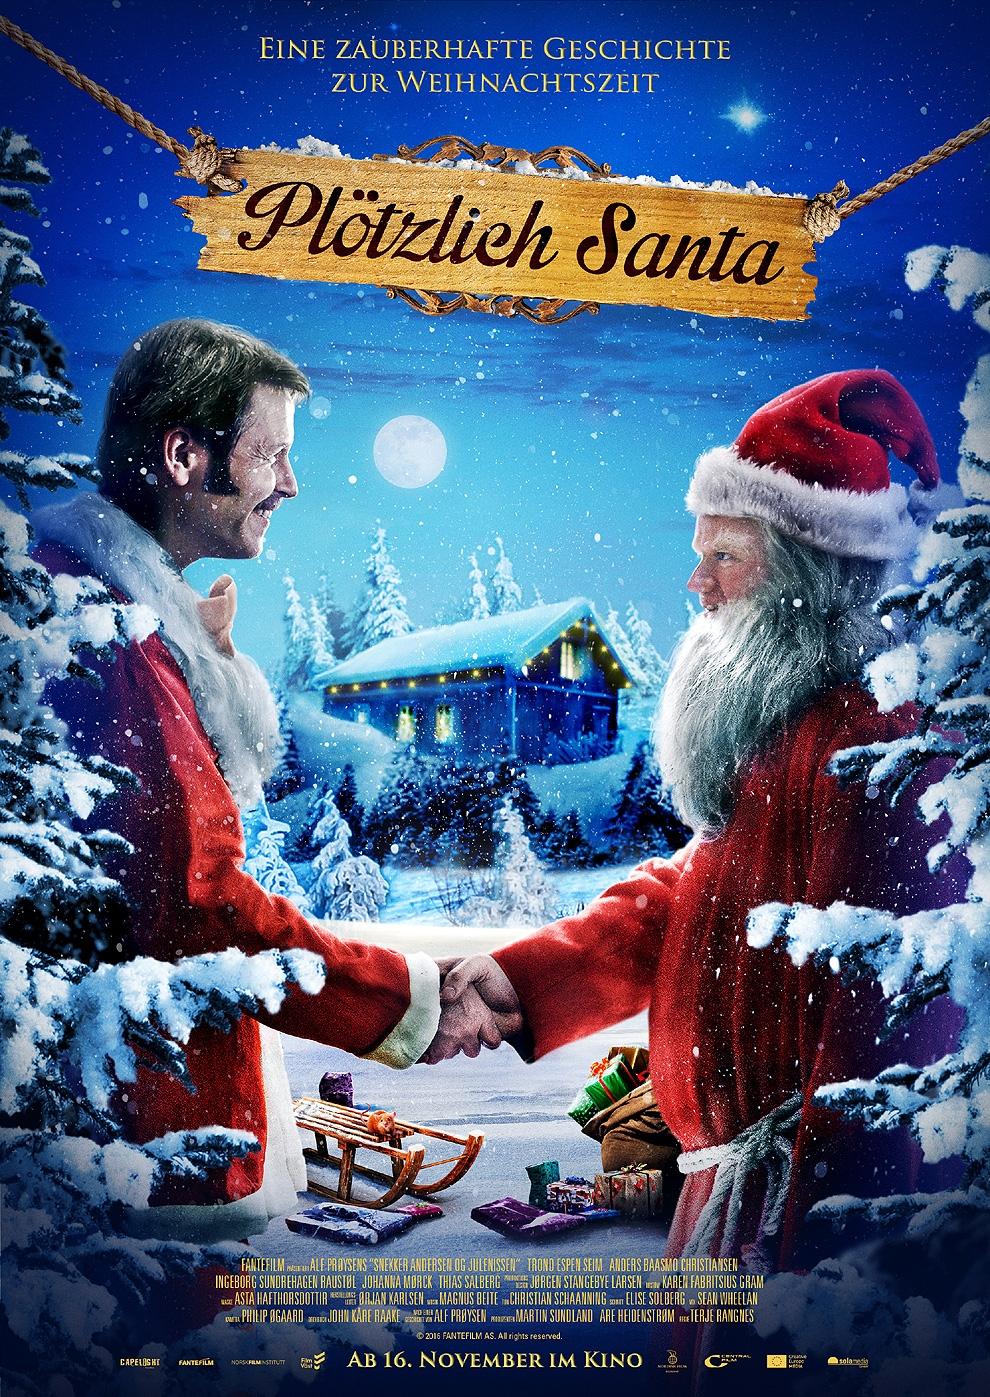 Plötzlich Santa (Poster)